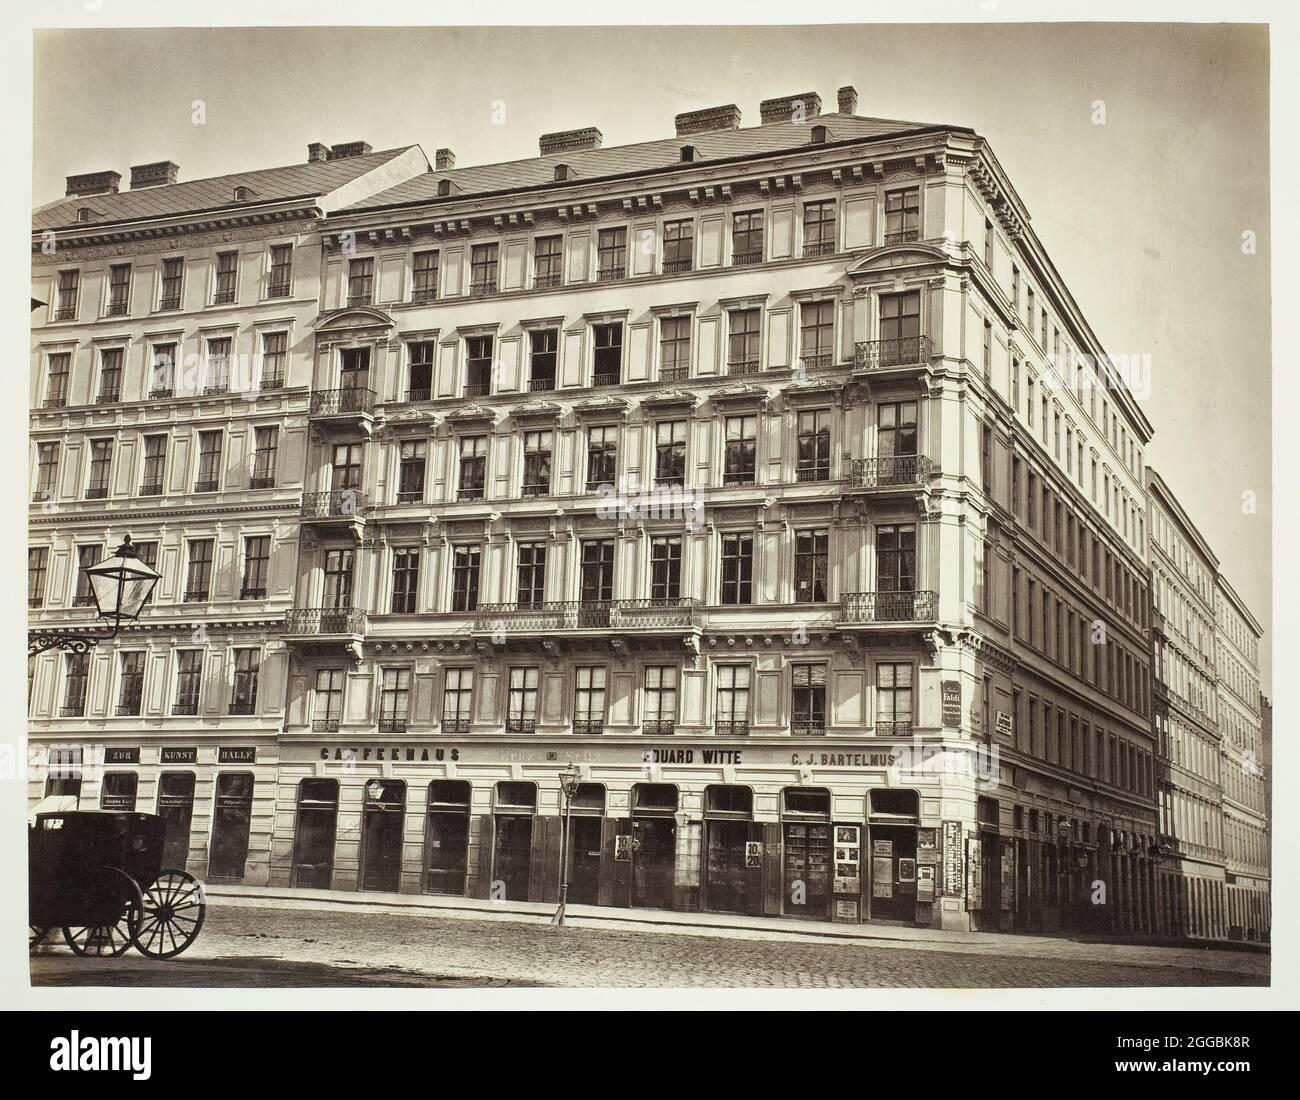 Kärnthnerstraße No. 59, Zinshaus des Herrn Sam Maeir, 1860s. Viena bloque de apartamentos sobre tiendas. Estampado de albumen. Foto de stock